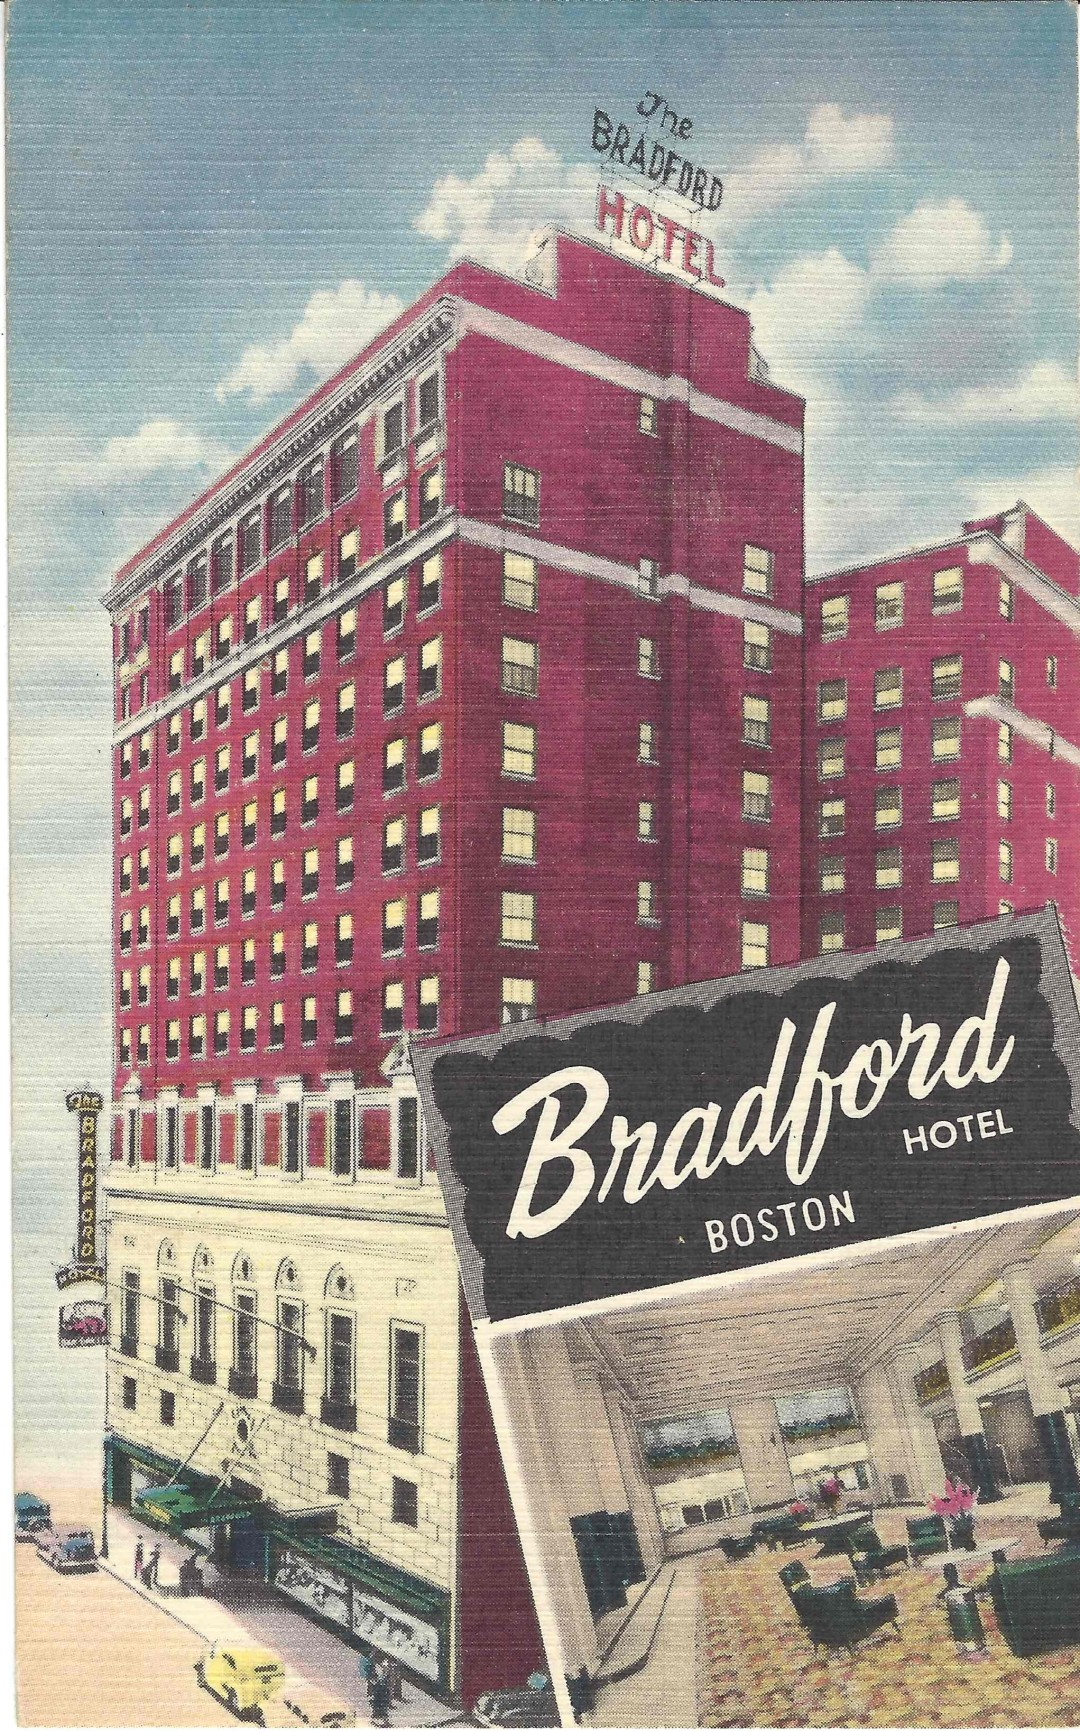 Bradford Hotel, Boston, Mass